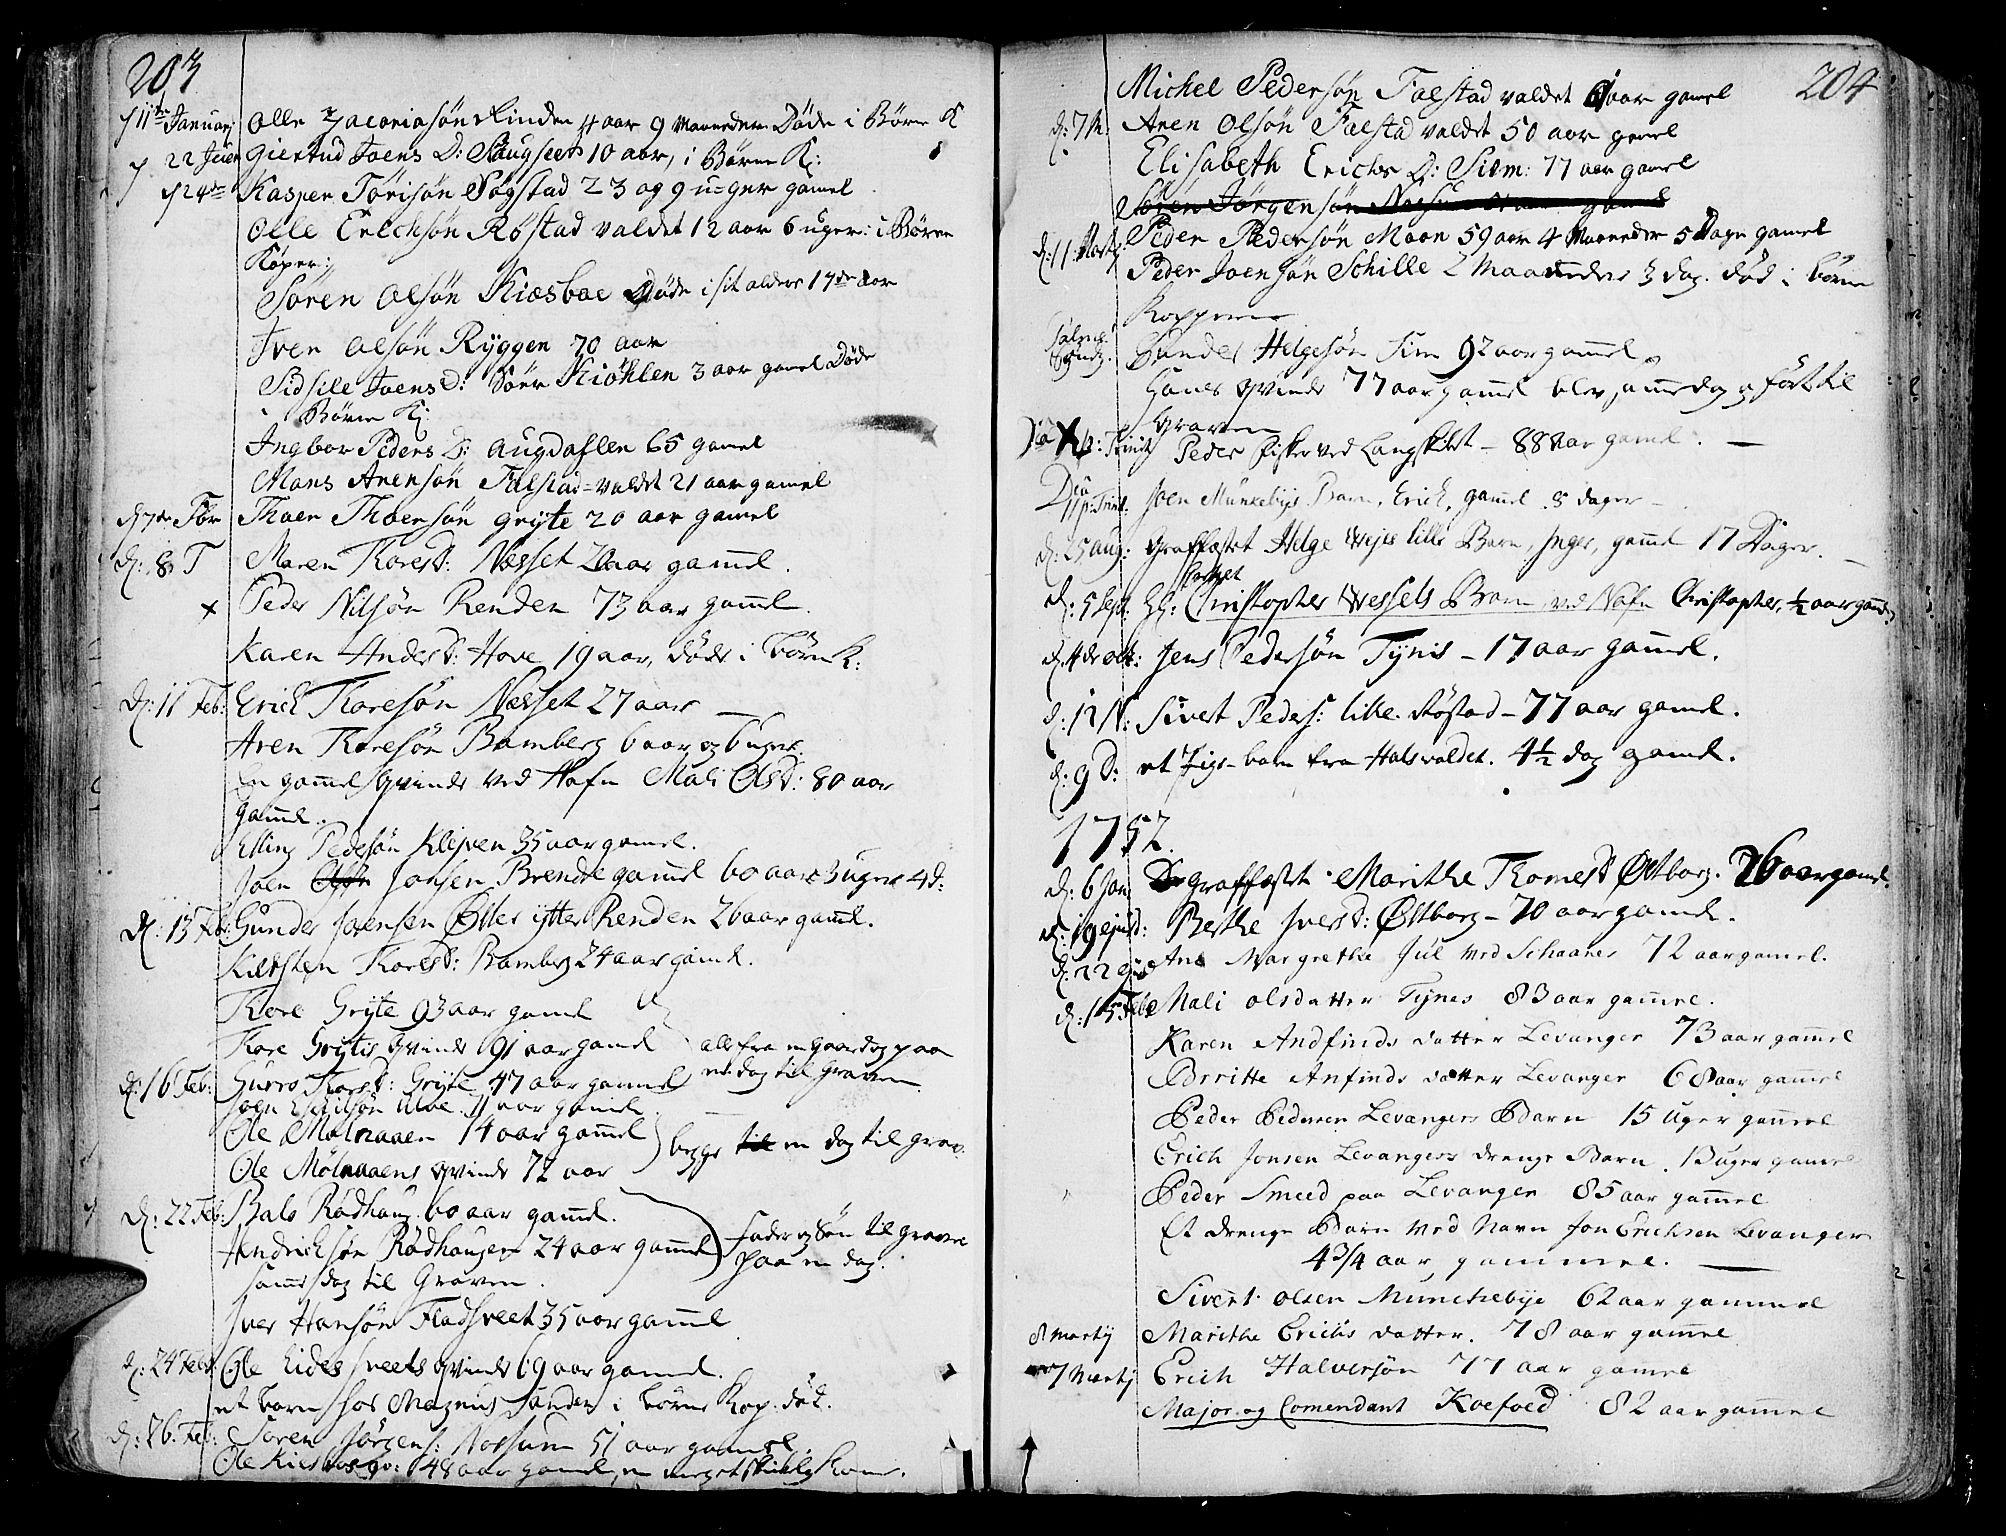 SAT, Ministerialprotokoller, klokkerbøker og fødselsregistre - Nord-Trøndelag, 717/L0141: Ministerialbok nr. 717A01, 1747-1803, s. 203-204